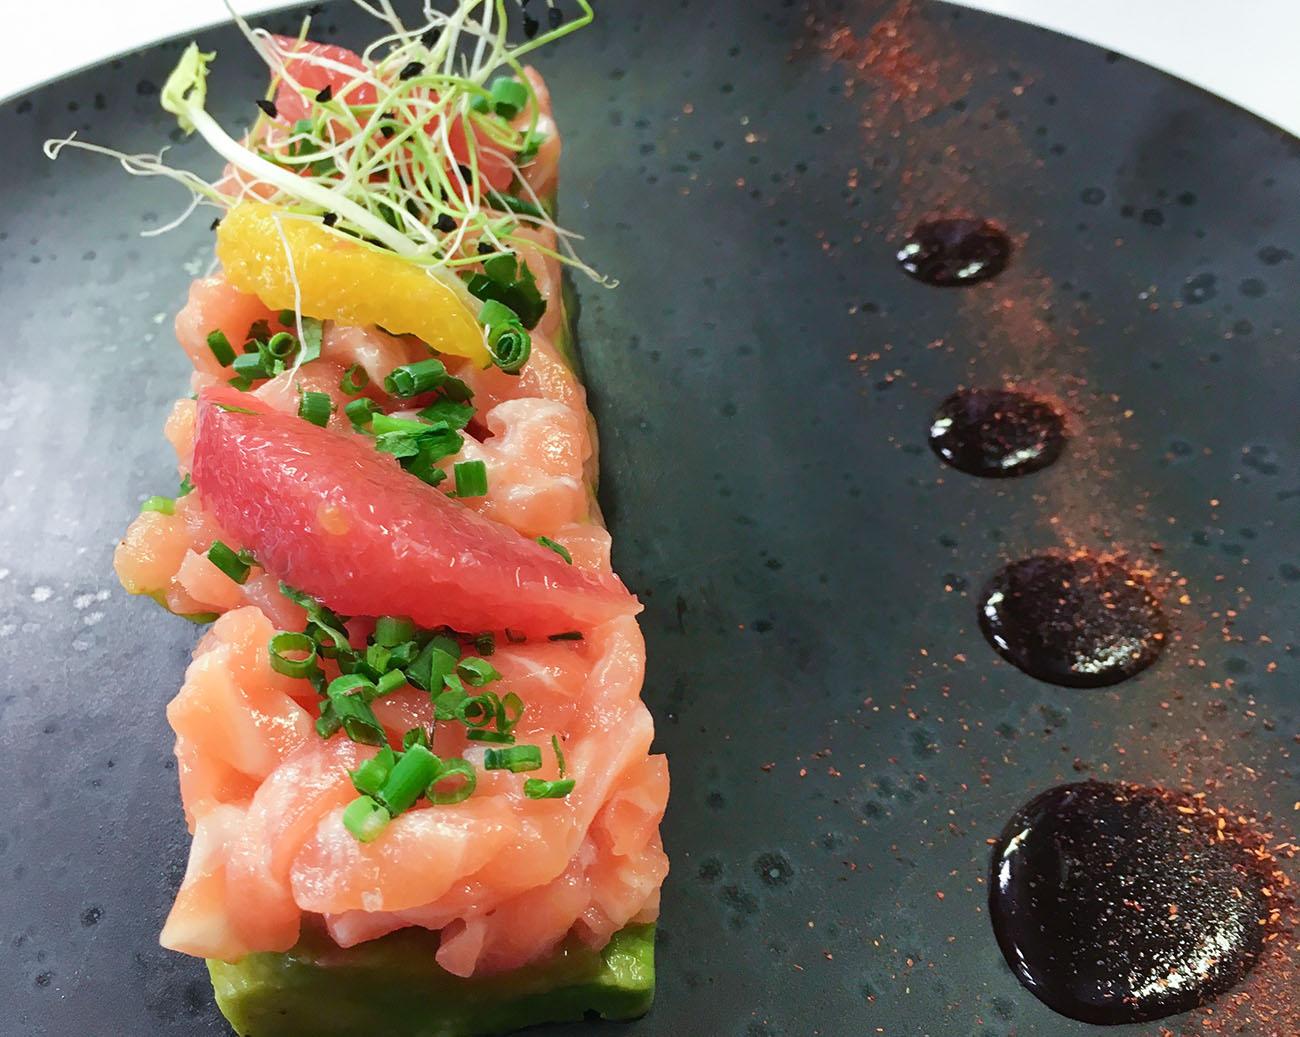 Tartare de saumon, avocat et pamplemousse. Le restaurant The glue privilégie les produits frais et propose une cuisine gourmande qui a du style !